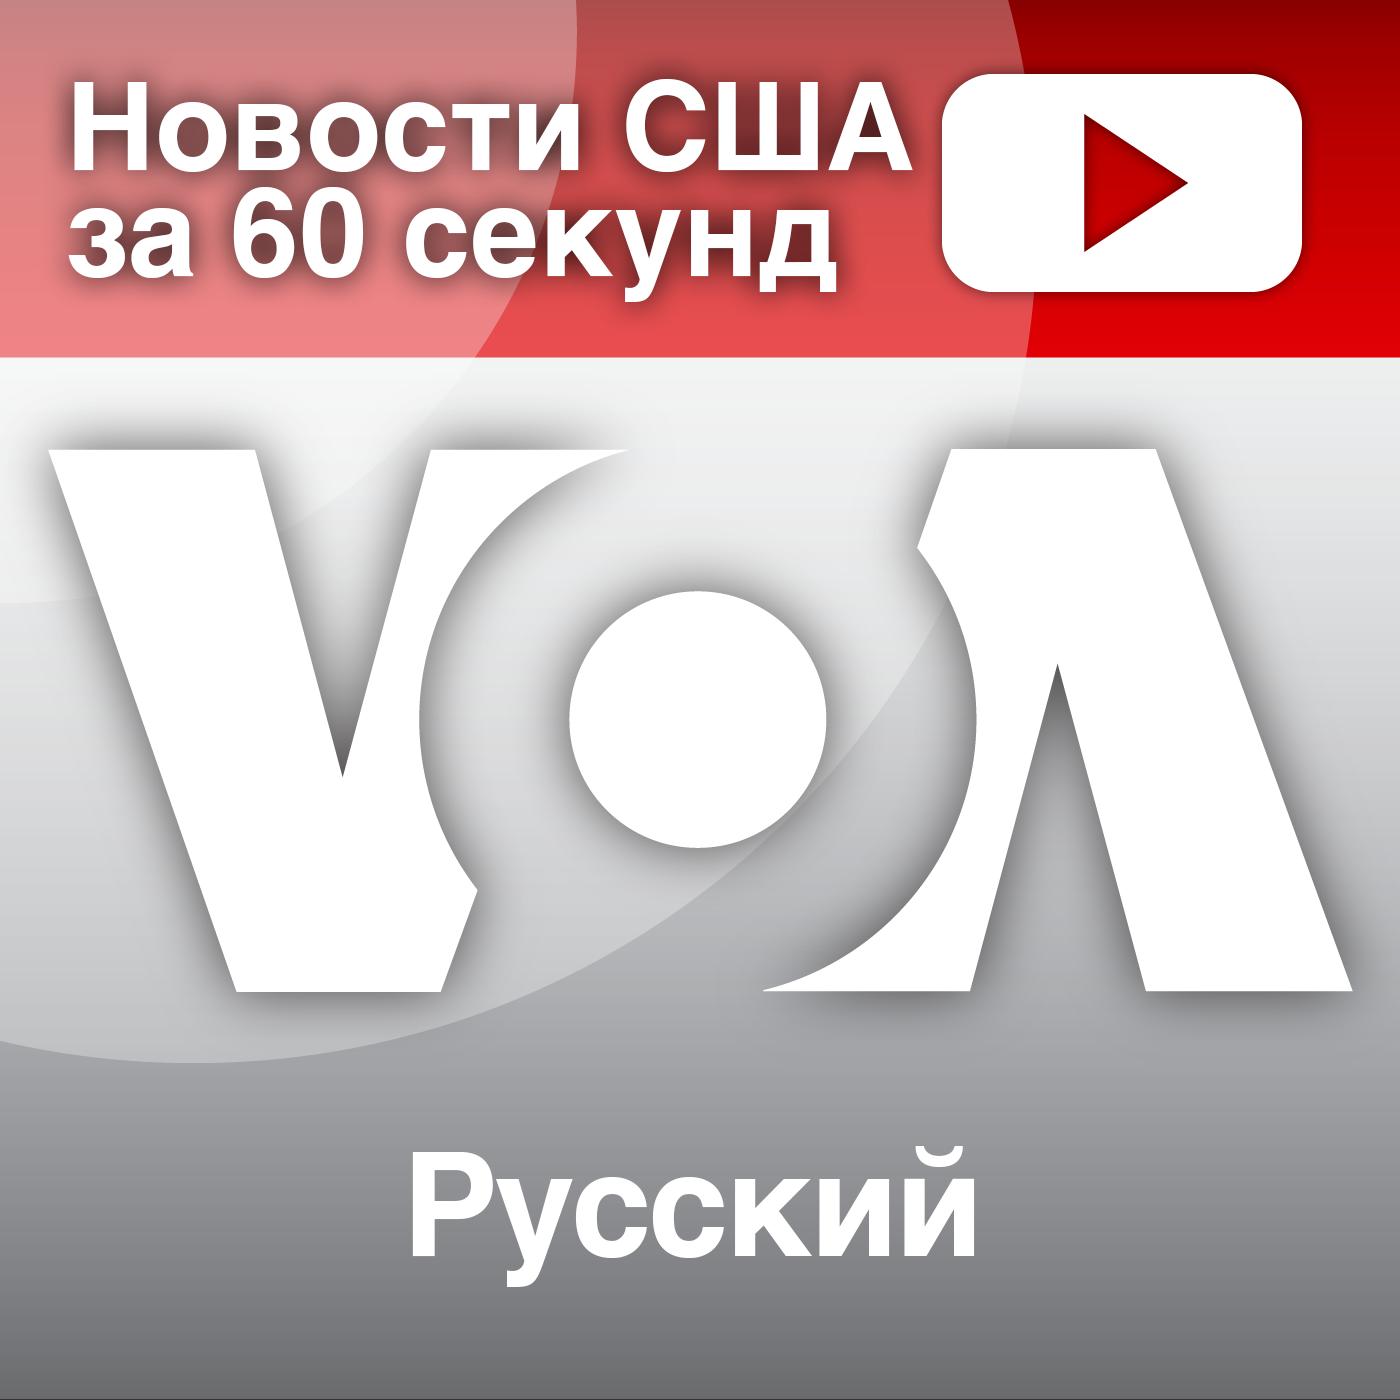 Новости США за 60 секунд  - ГОЛОС АМЕРИКИ